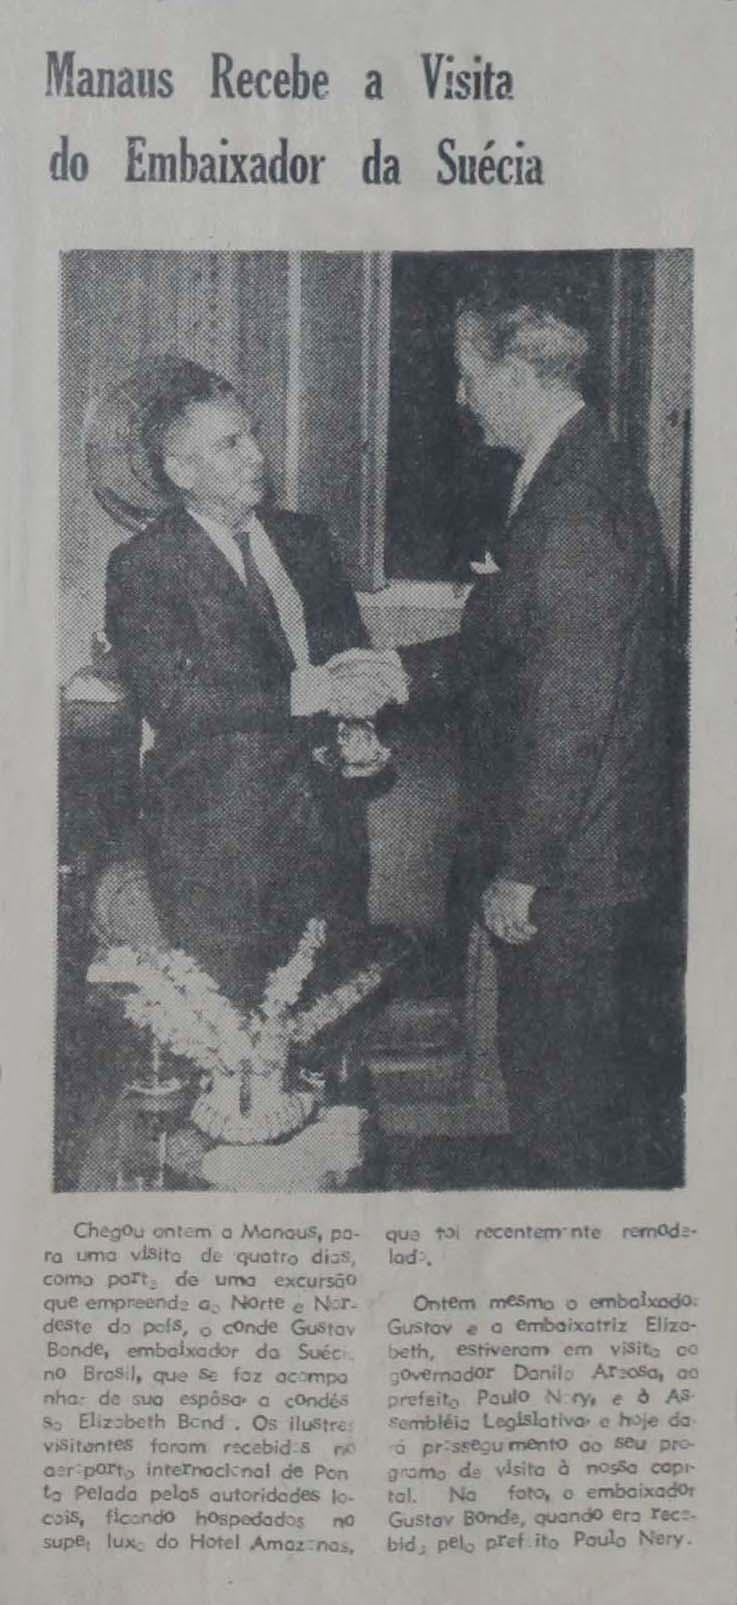 Embaixador da Suécia Visita Manaus